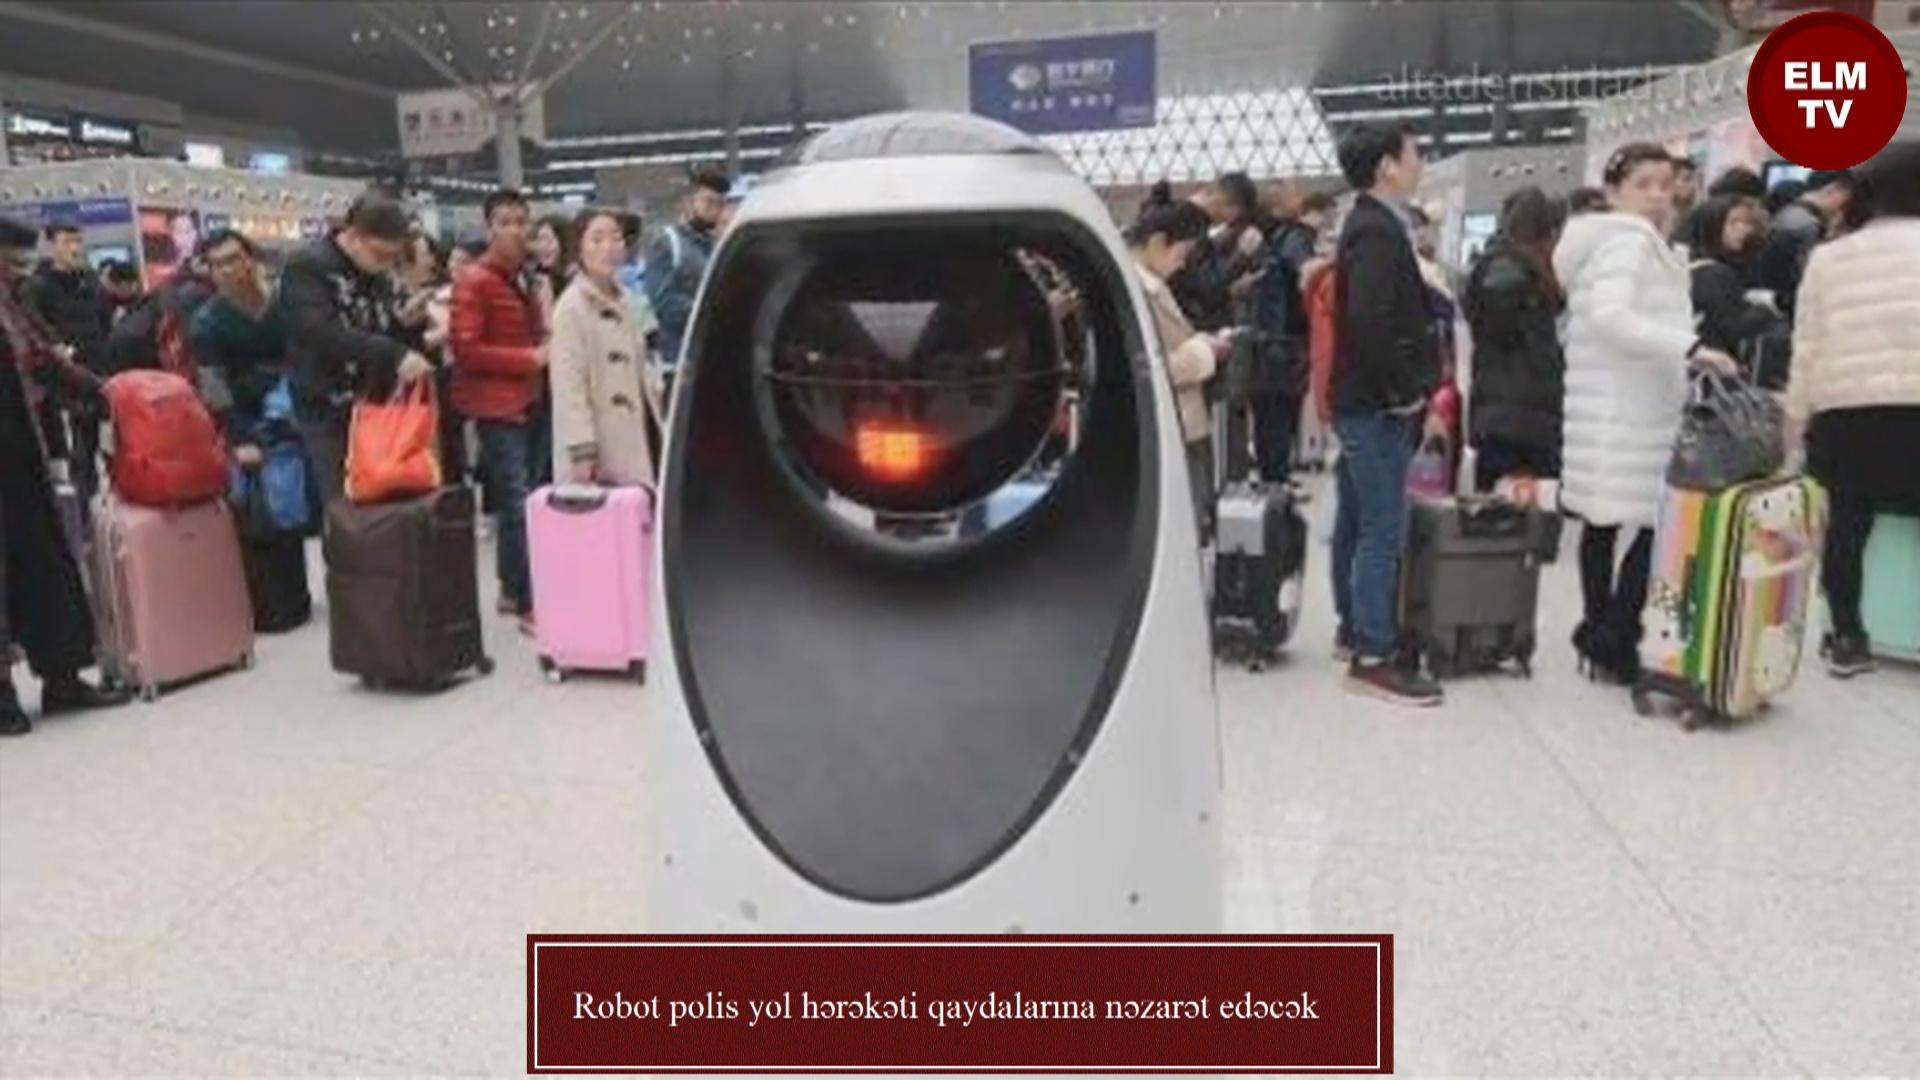 Robot polis yol hərəkəti qaydalarına nəzarət edəcək